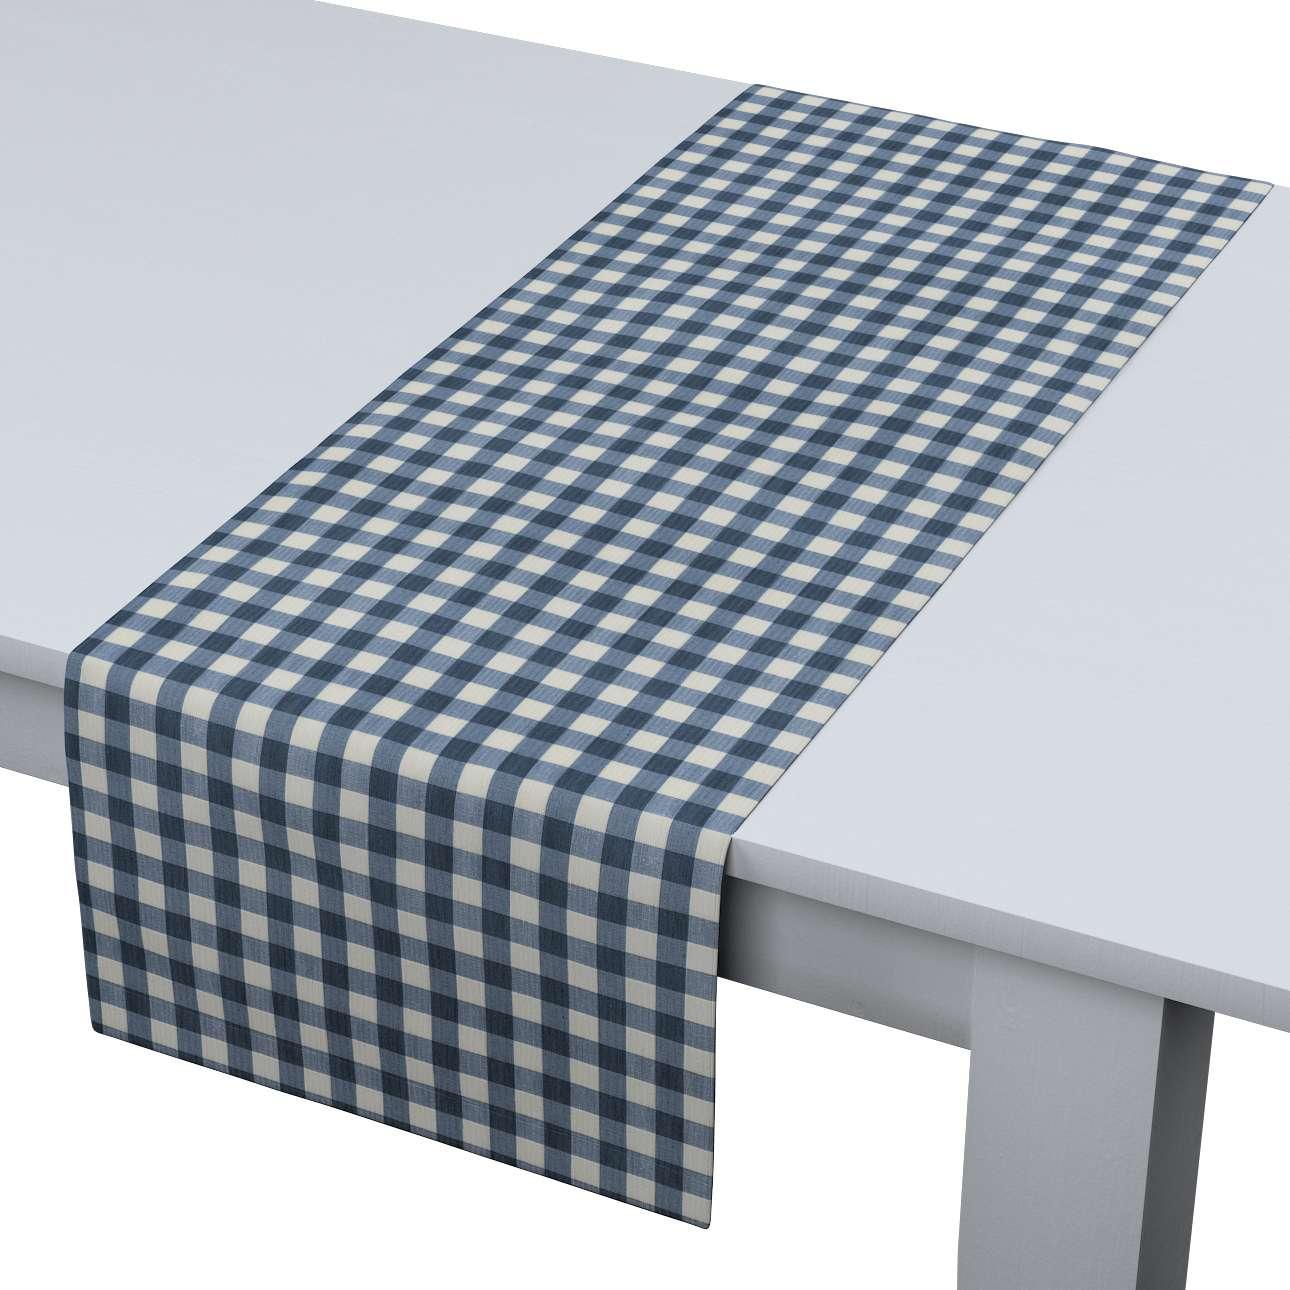 Bieżnik prostokątny 40x130 cm w kolekcji Quadro, tkanina: 136-01